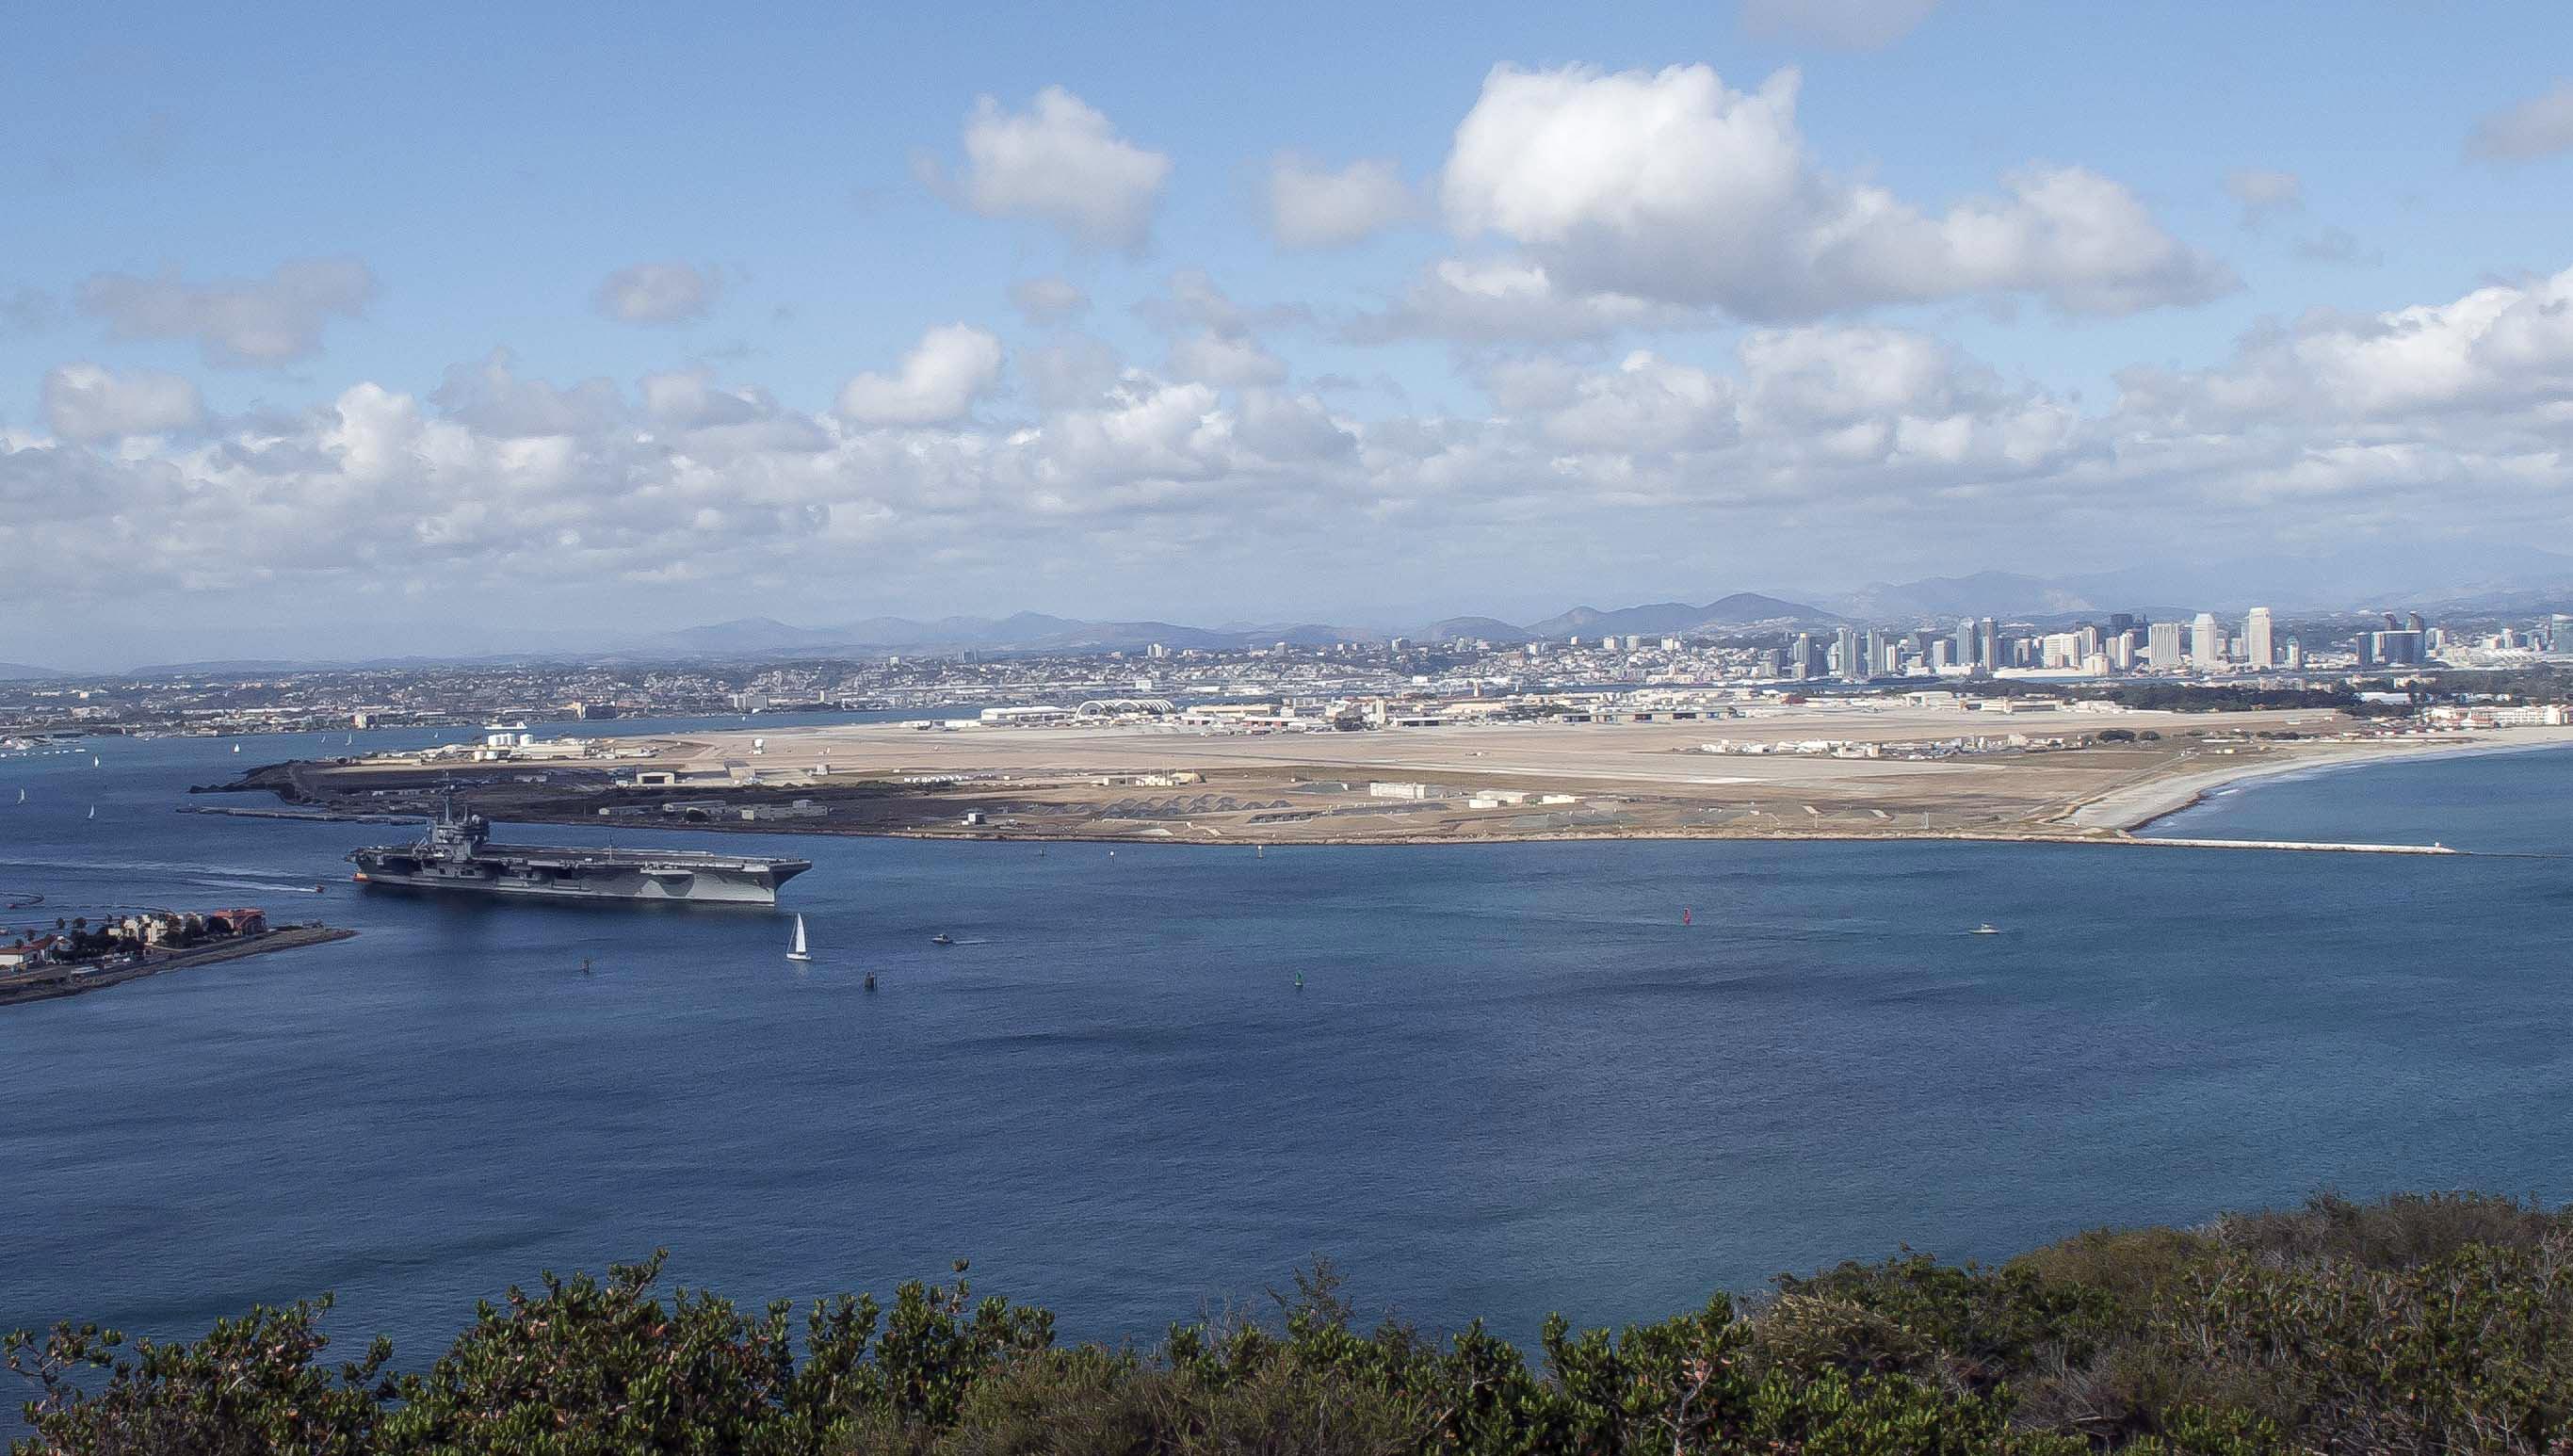 USS RONALD REAGAN CVN-76 Auslaufen San Diego am 20.05.2014 Bild: U.S. Navy